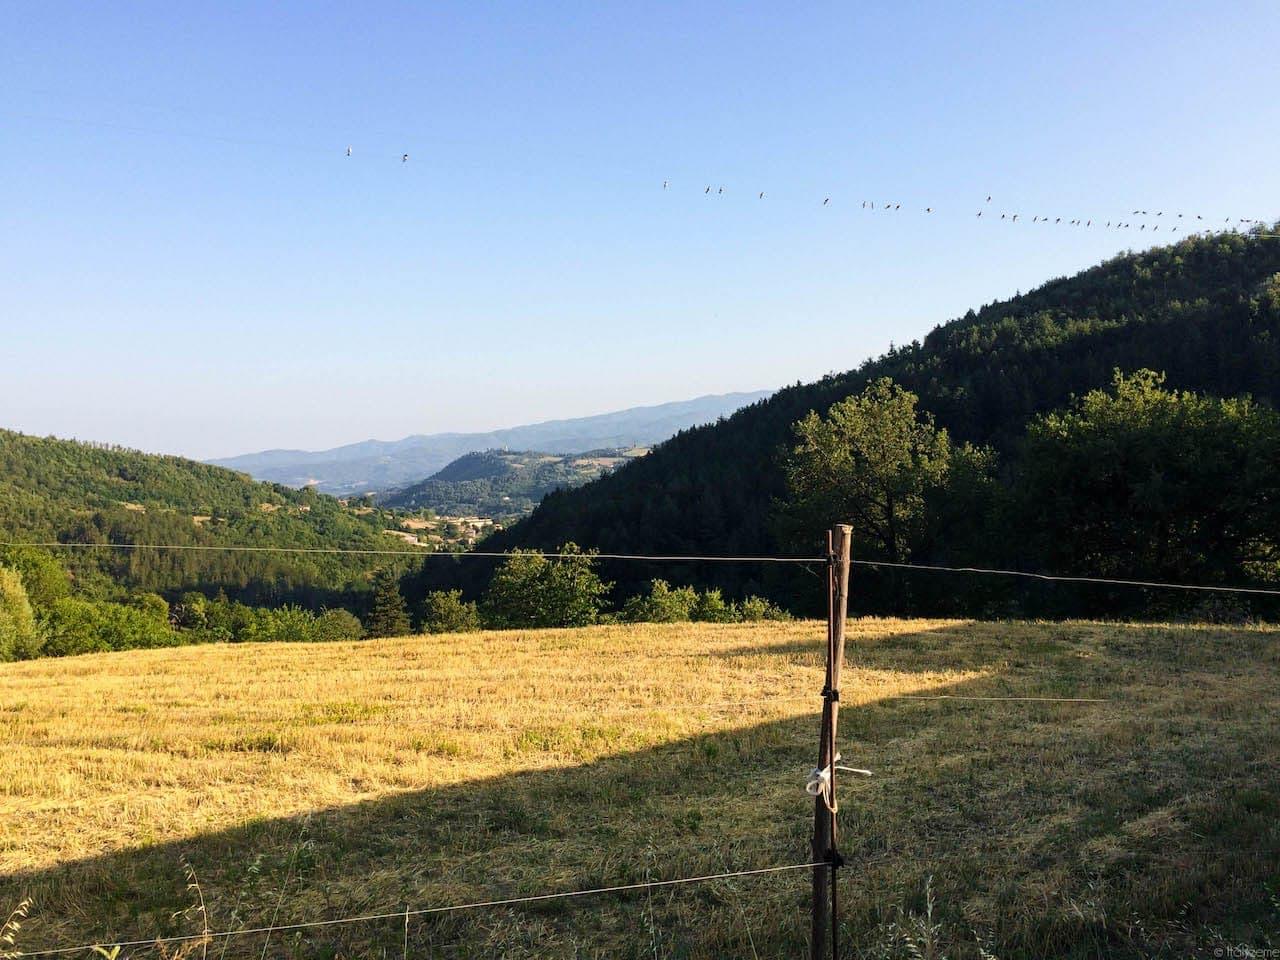 La vallata casentinese vista da Papiano